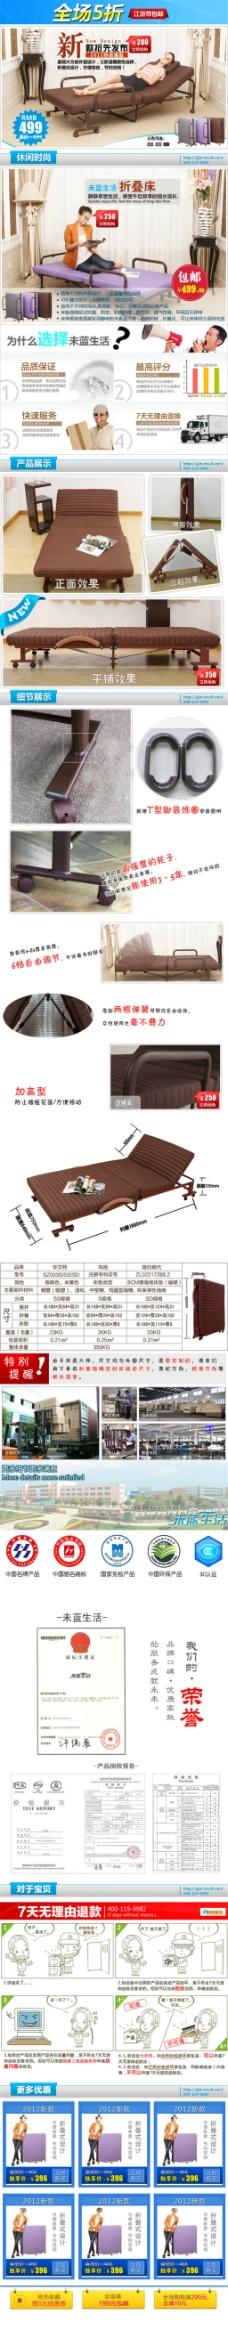 卧室用品淘宝电商日用家居详情页设计